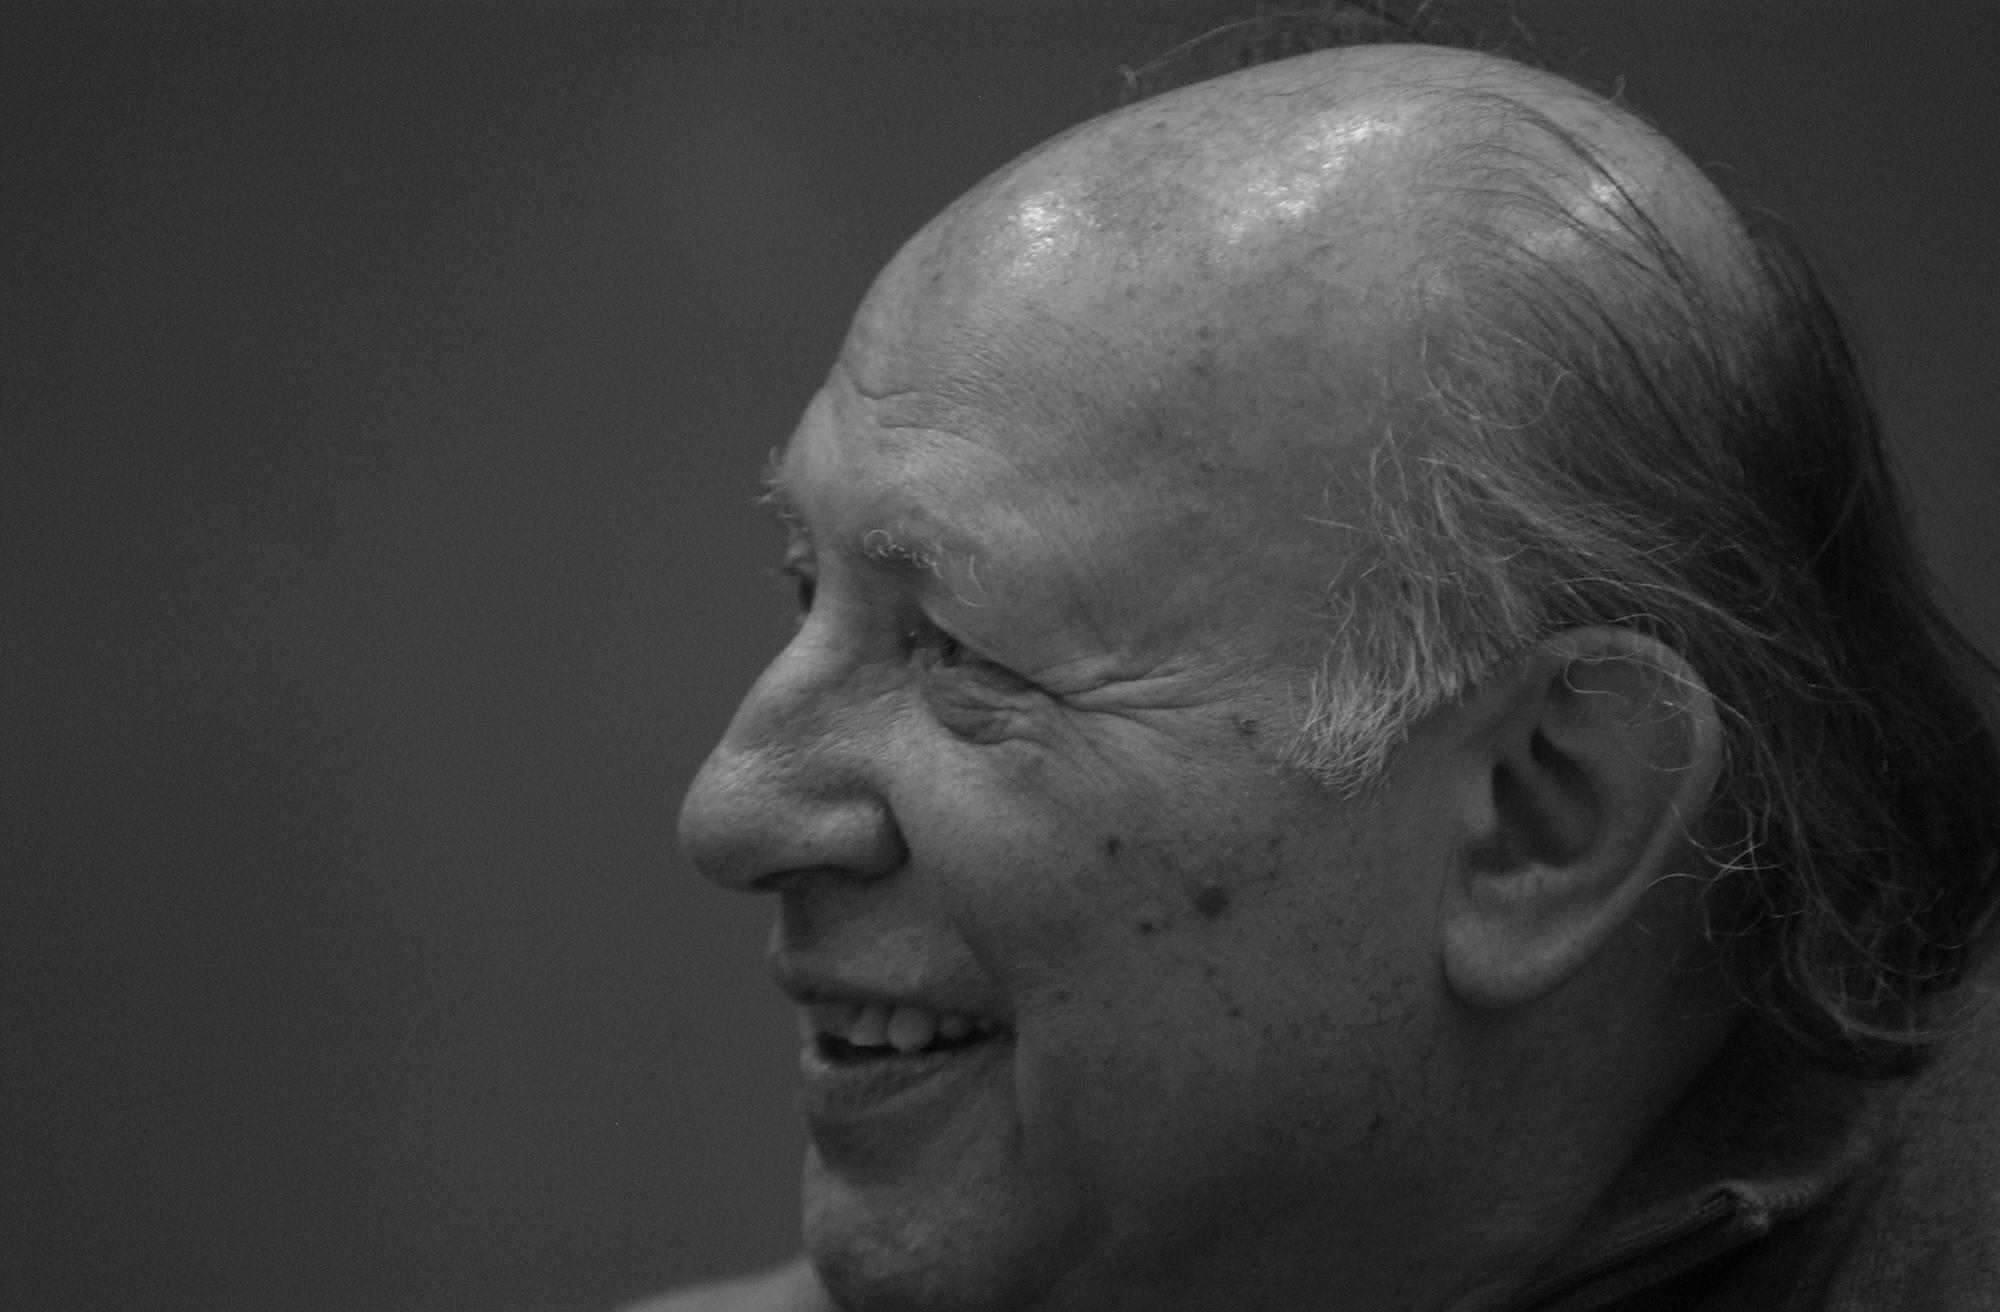 Imre Kertész, fot. Csaba Segesvári (źródło: Wikimedia Commons)